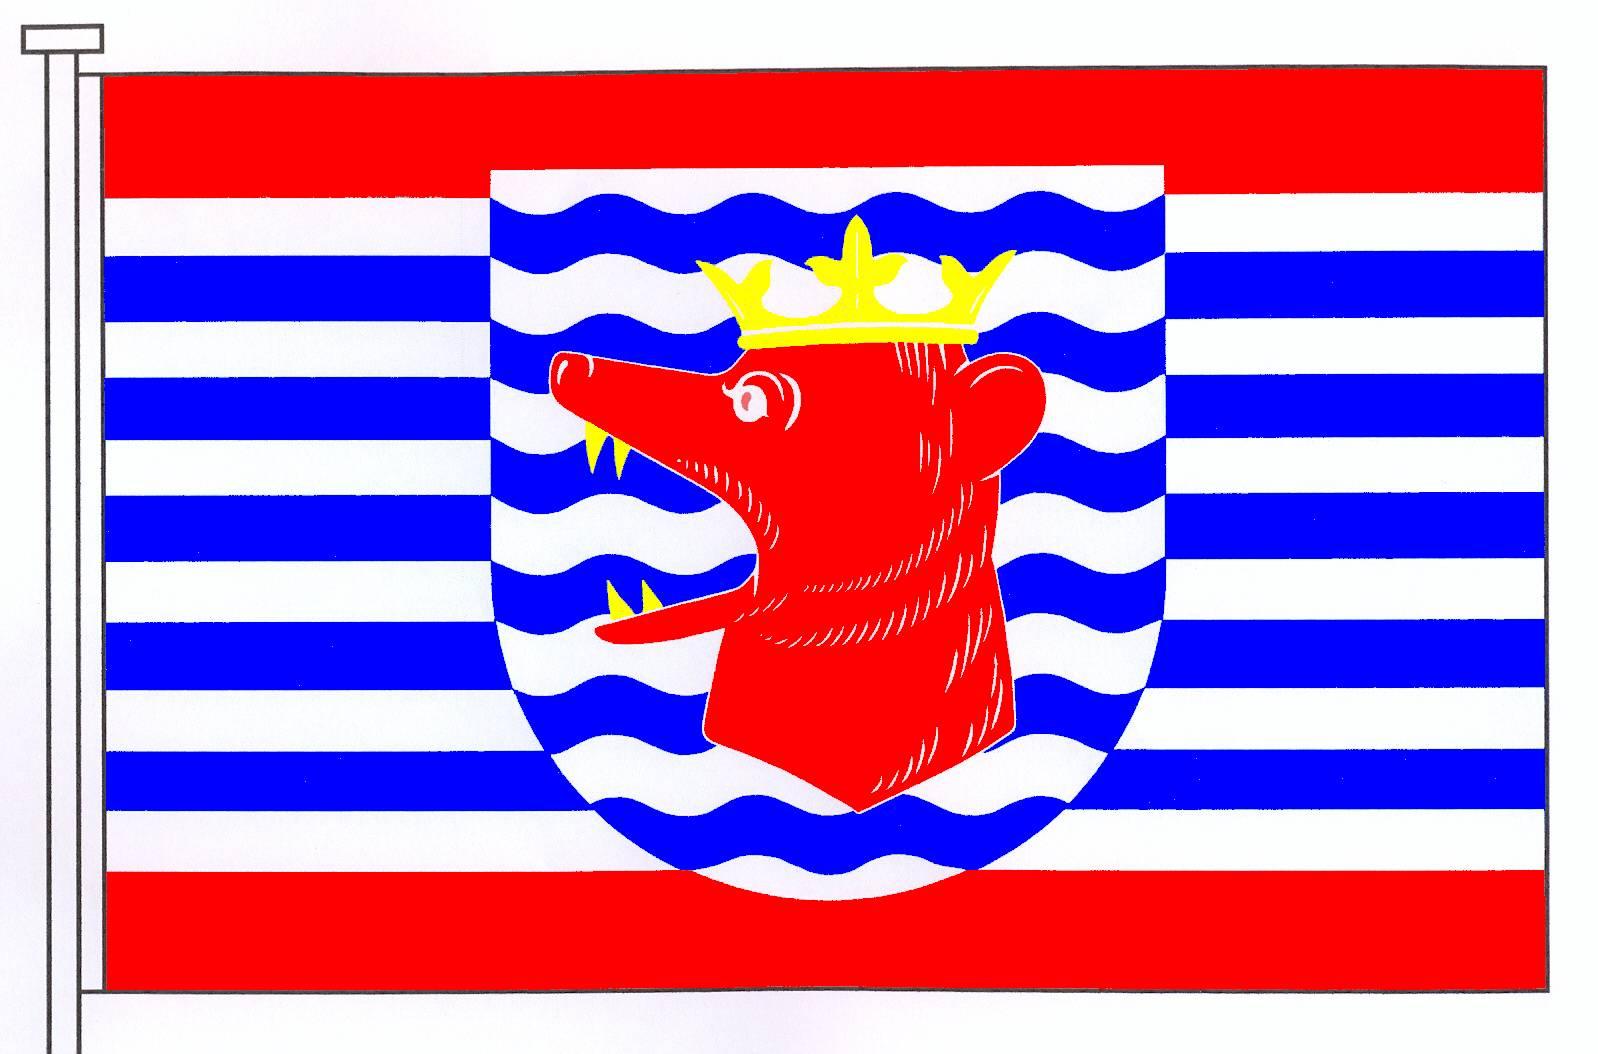 Flagge GemeindeBissee, Kreis Rendsburg-Eckernförde